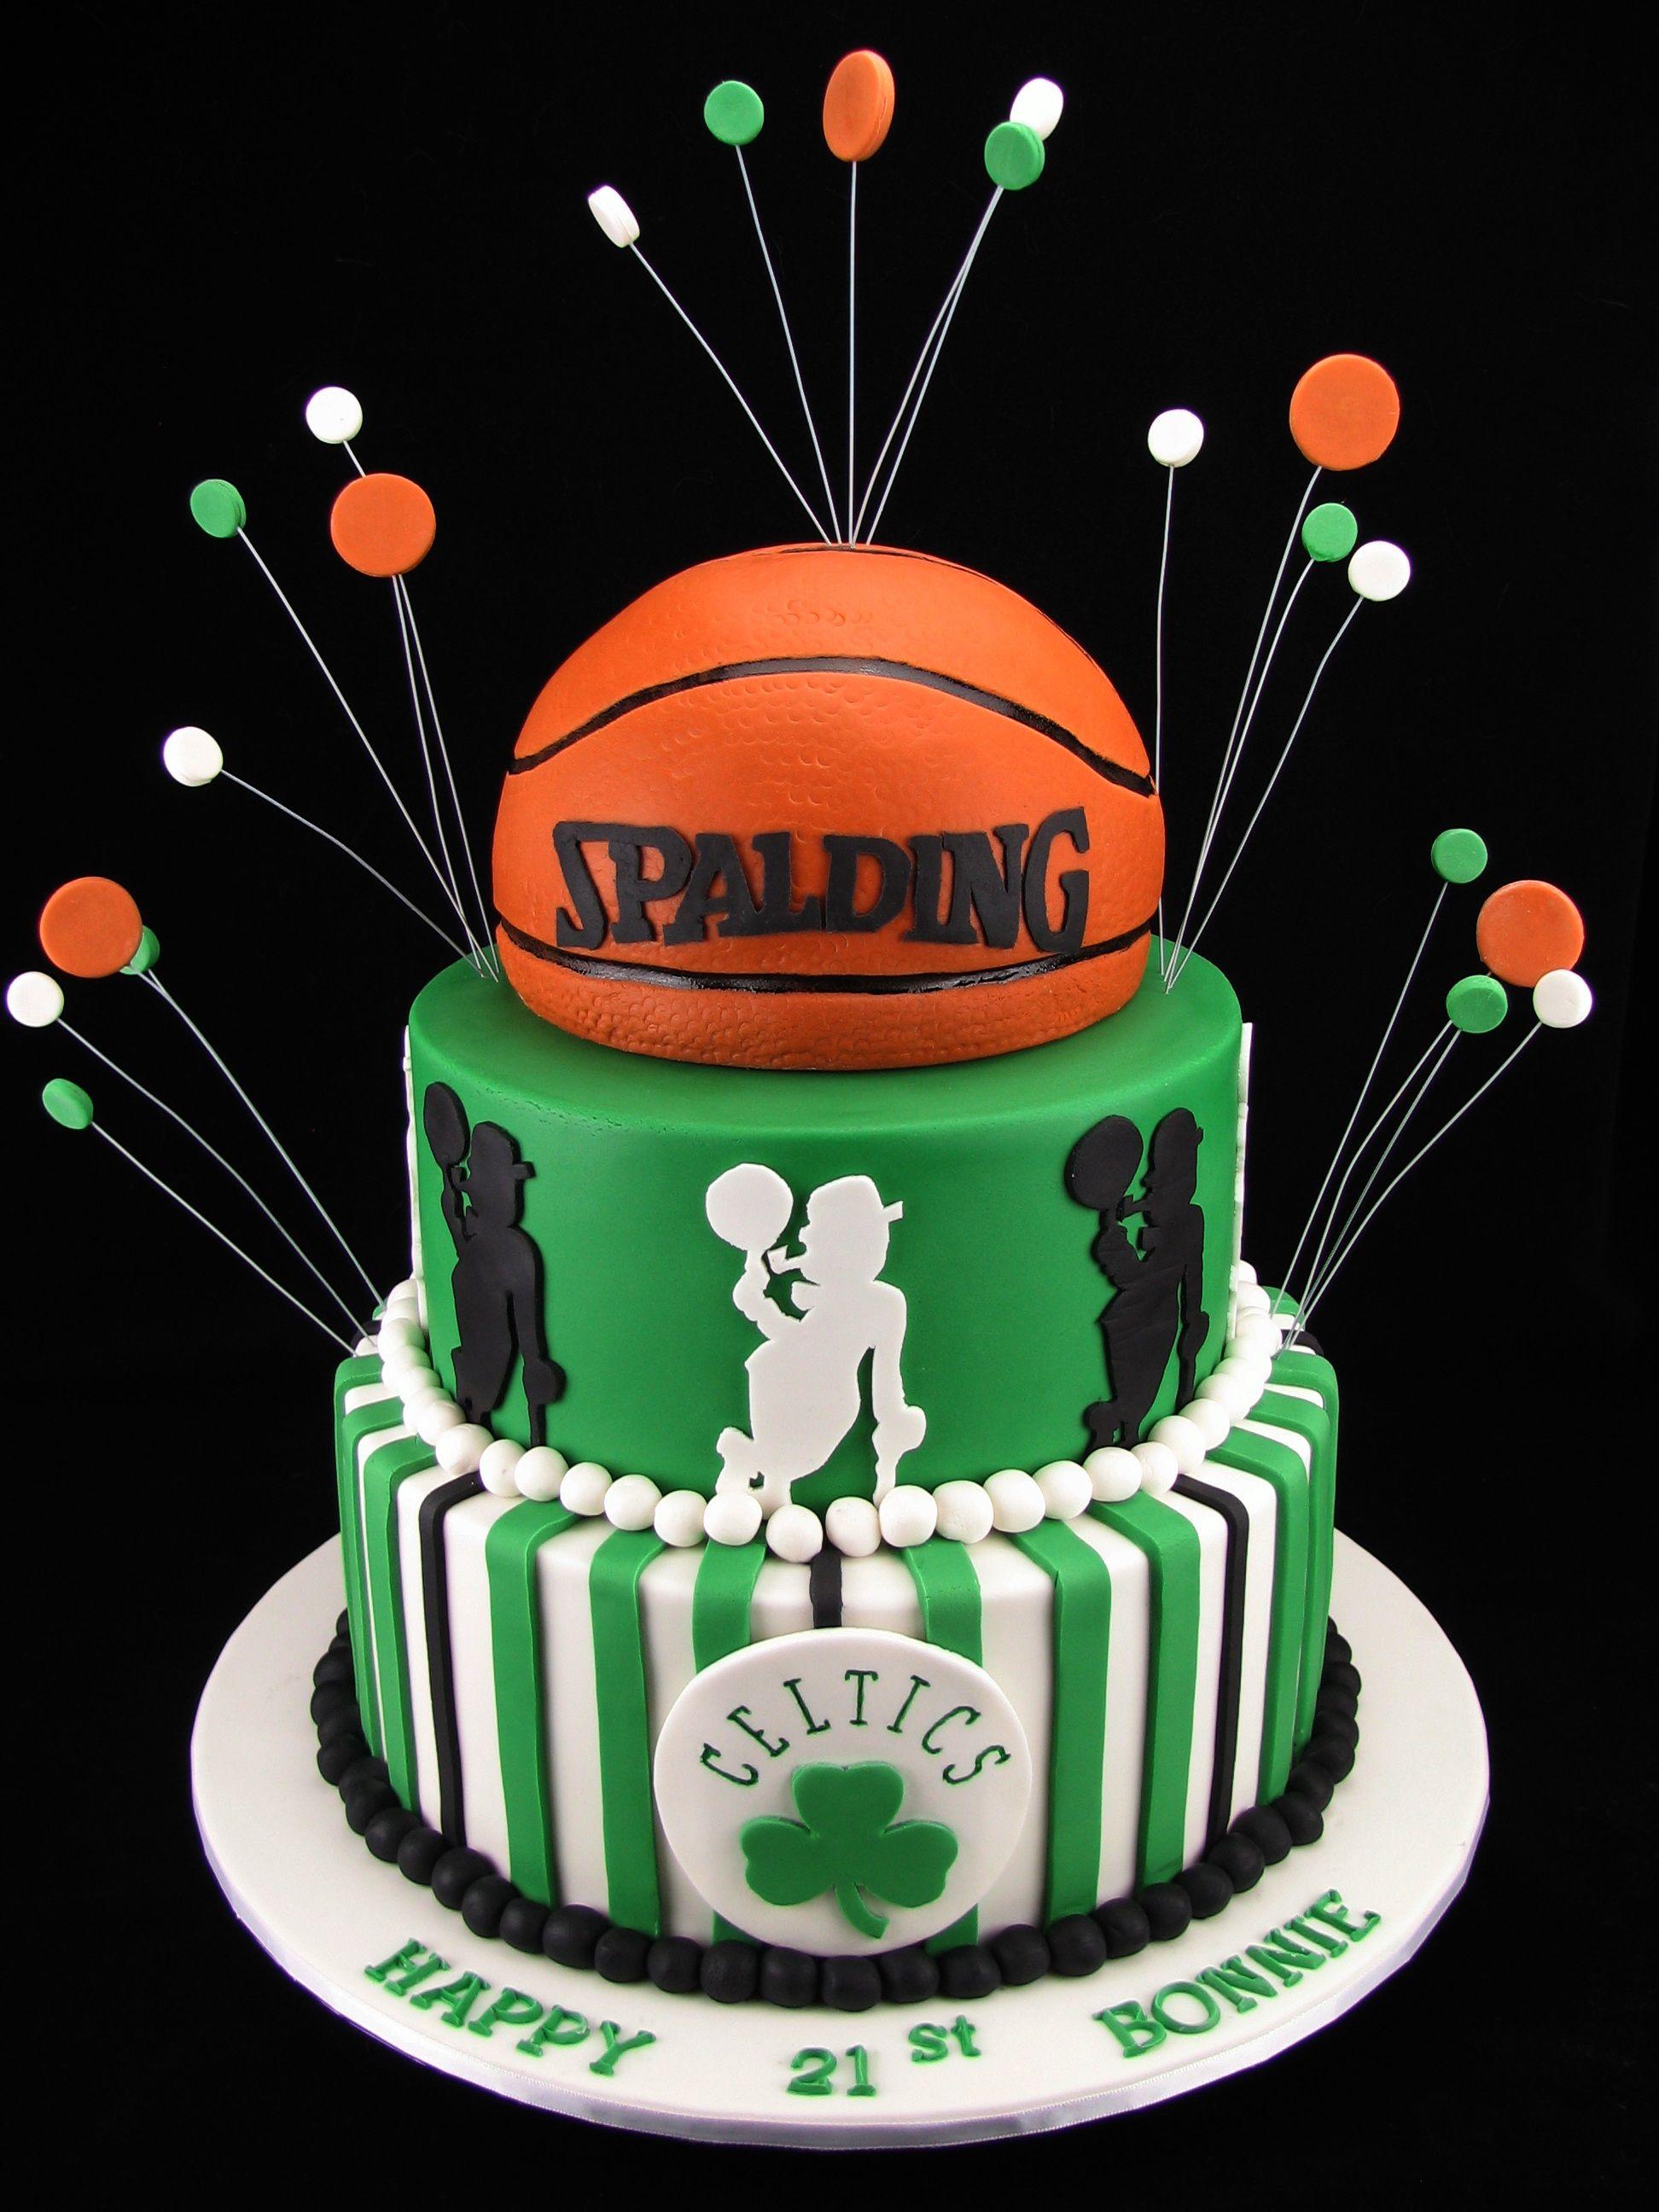 Happy Birthday Cake Boston Celtics